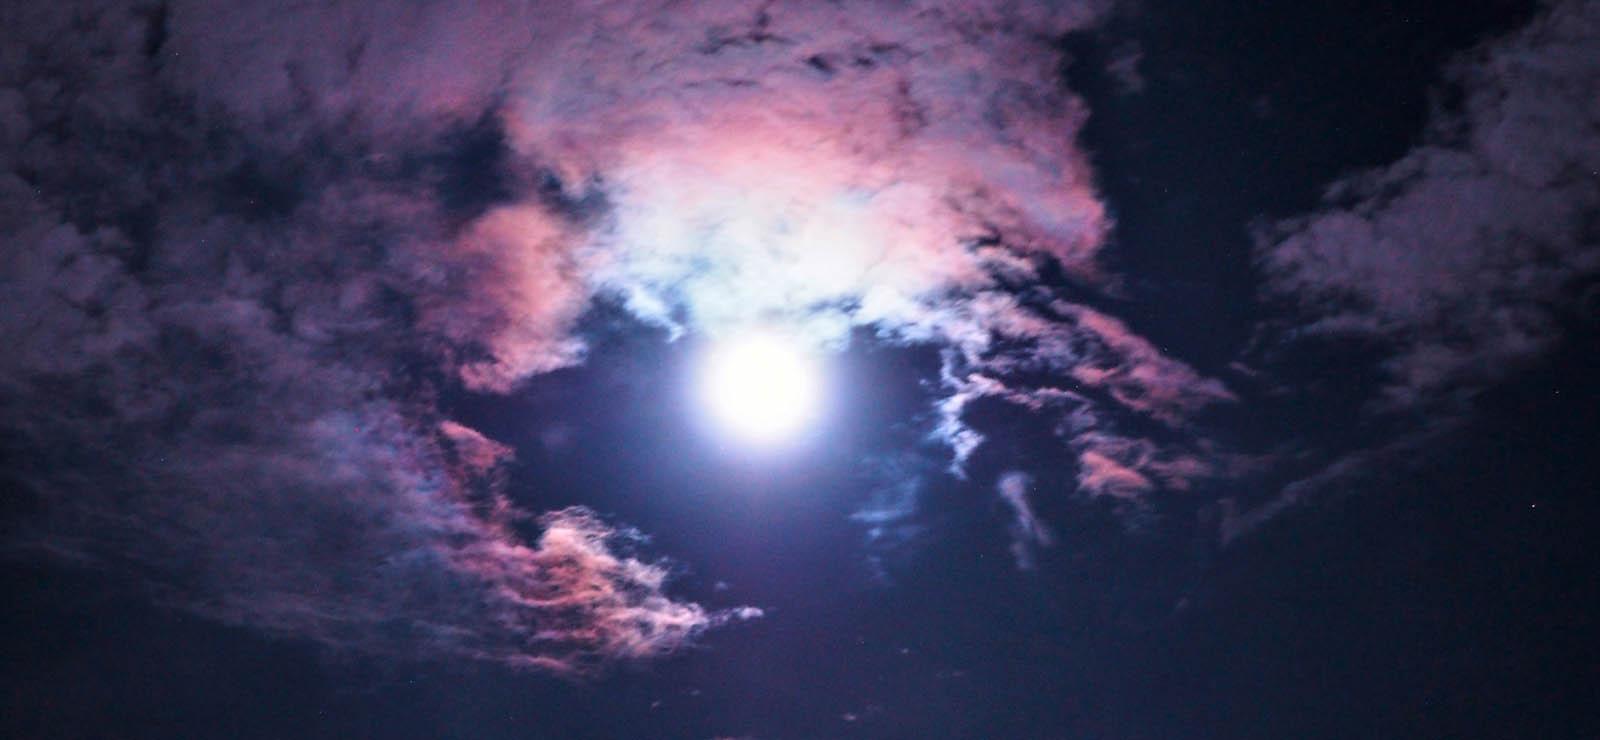 新月の願いごとに必死なあなたへ。いつだって願えばいいじゃない。叶うときと叶わないときの差について。